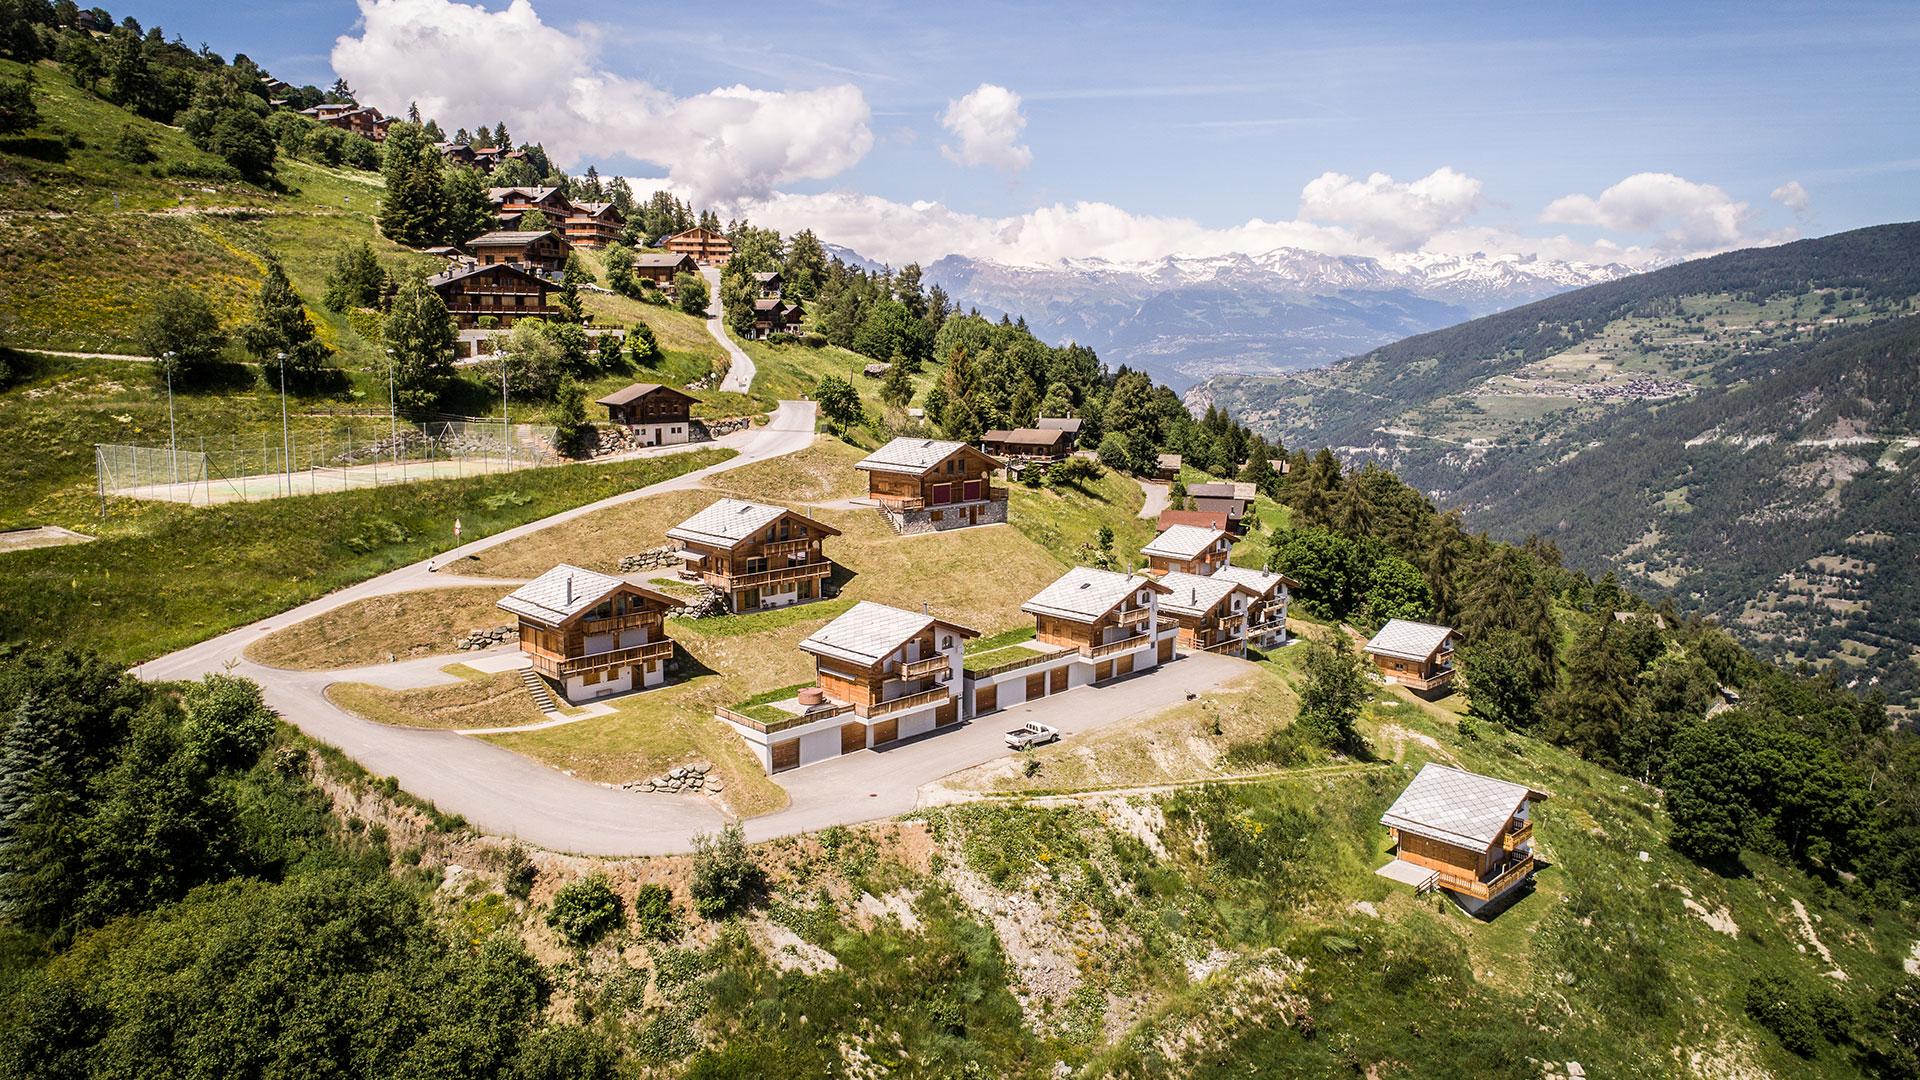 Chalet Croix Blanche Chalet, Switzerland